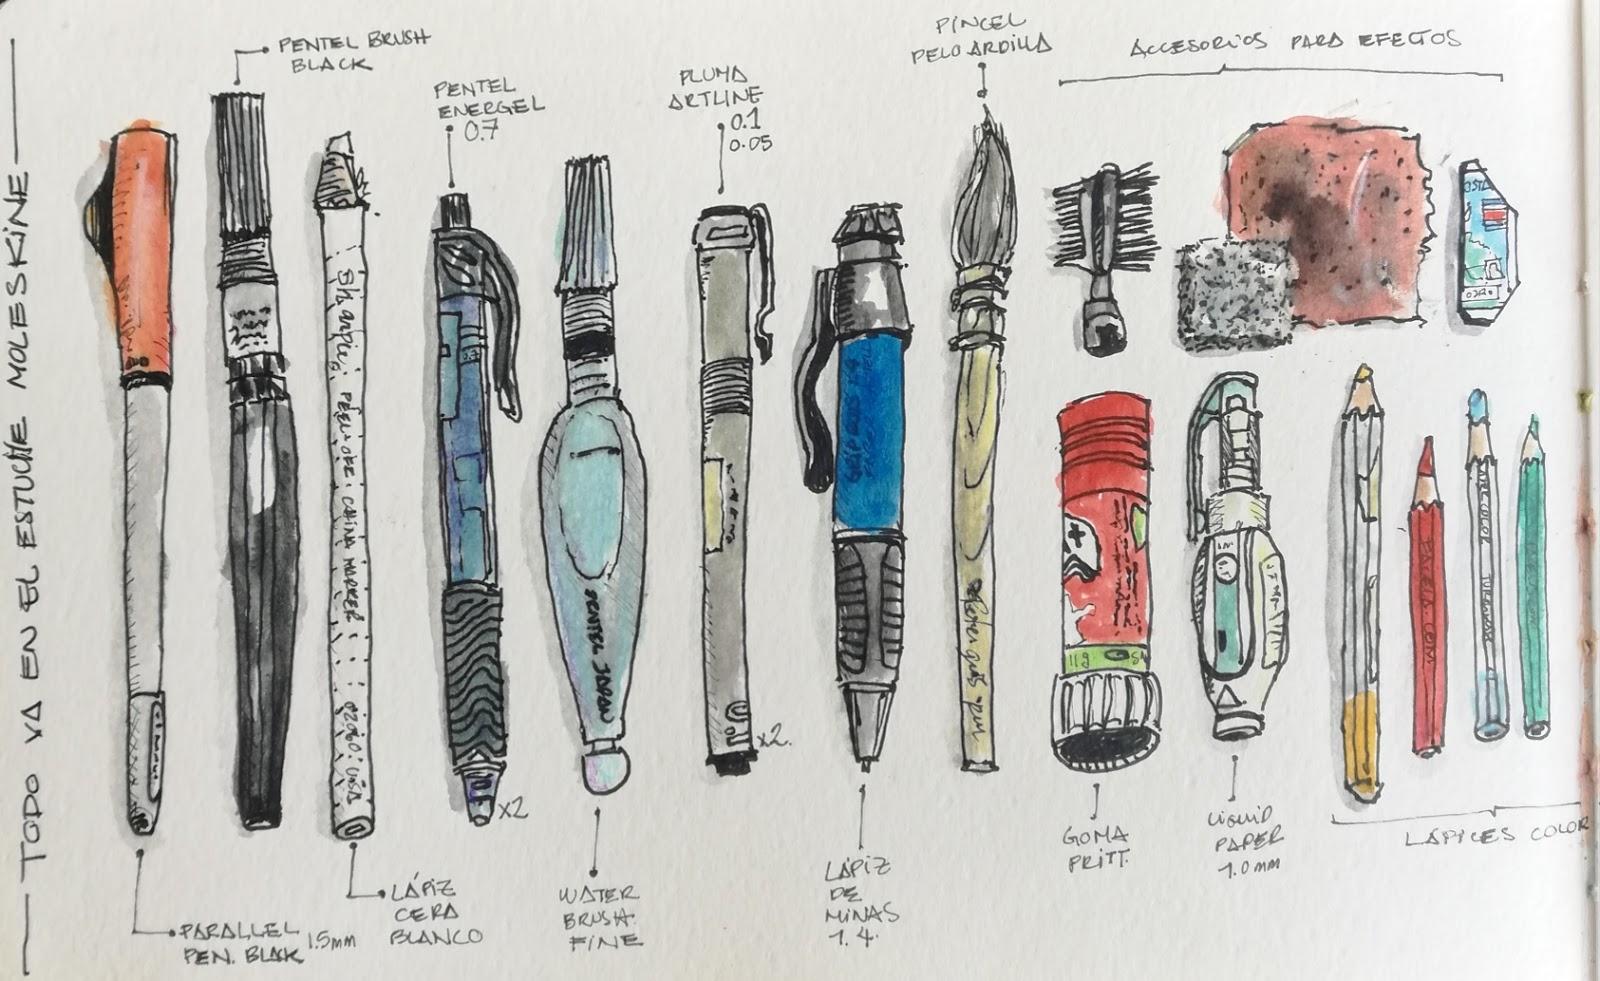 Domingo Sketchwalks De Sobre Información Recorridos 24 Dibujo K1FcJTl